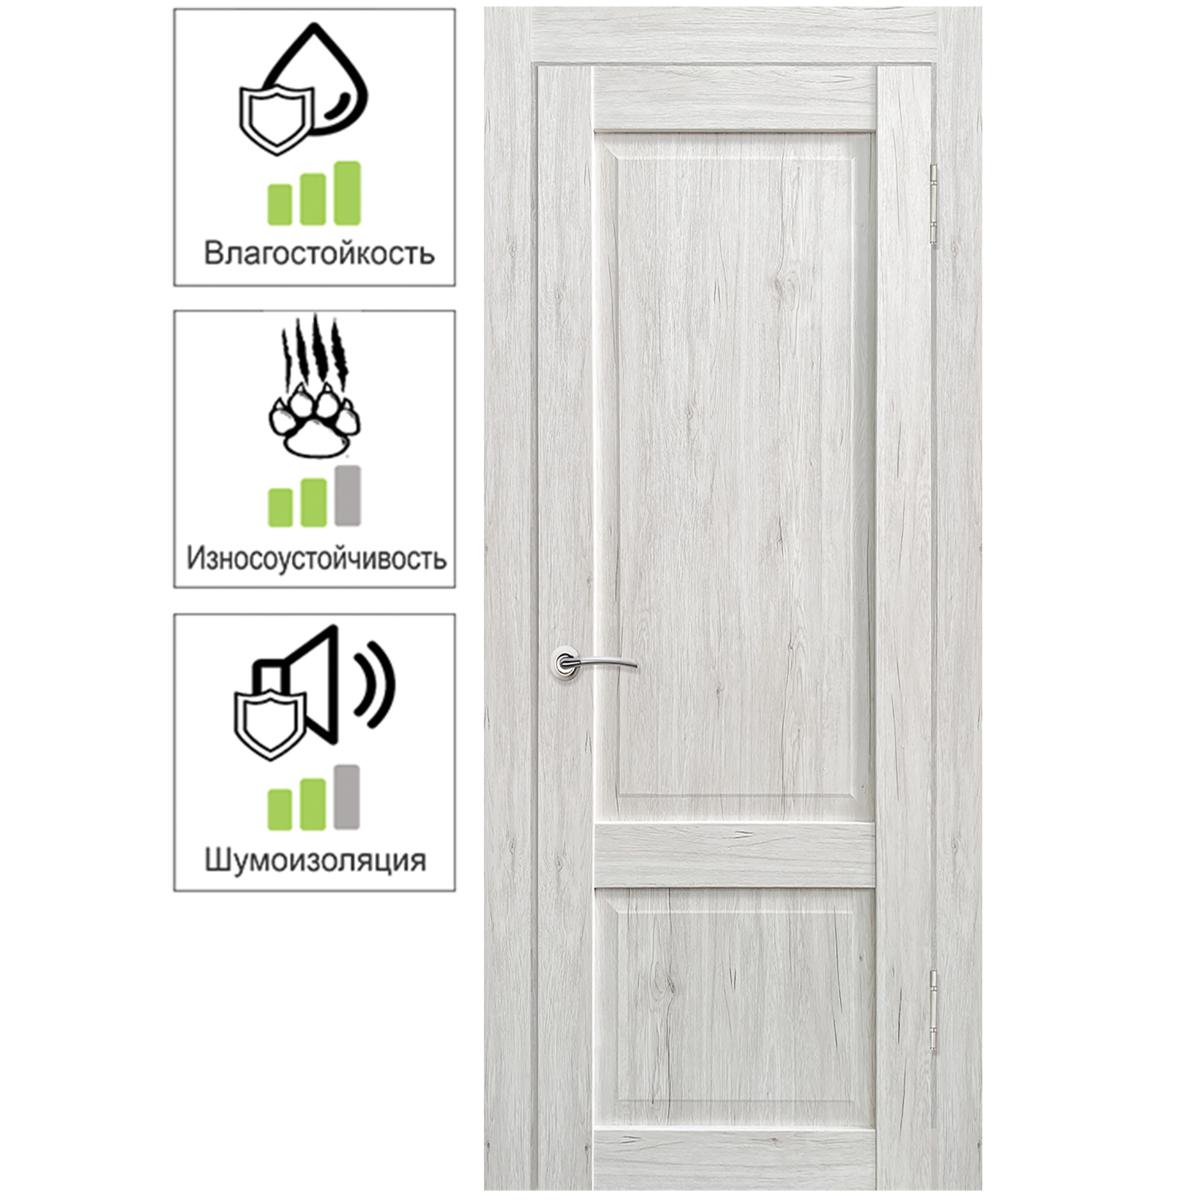 Дверь межкомнатная Амелия 70х200 см с фурнитурой ПВХ цвет рустик серый